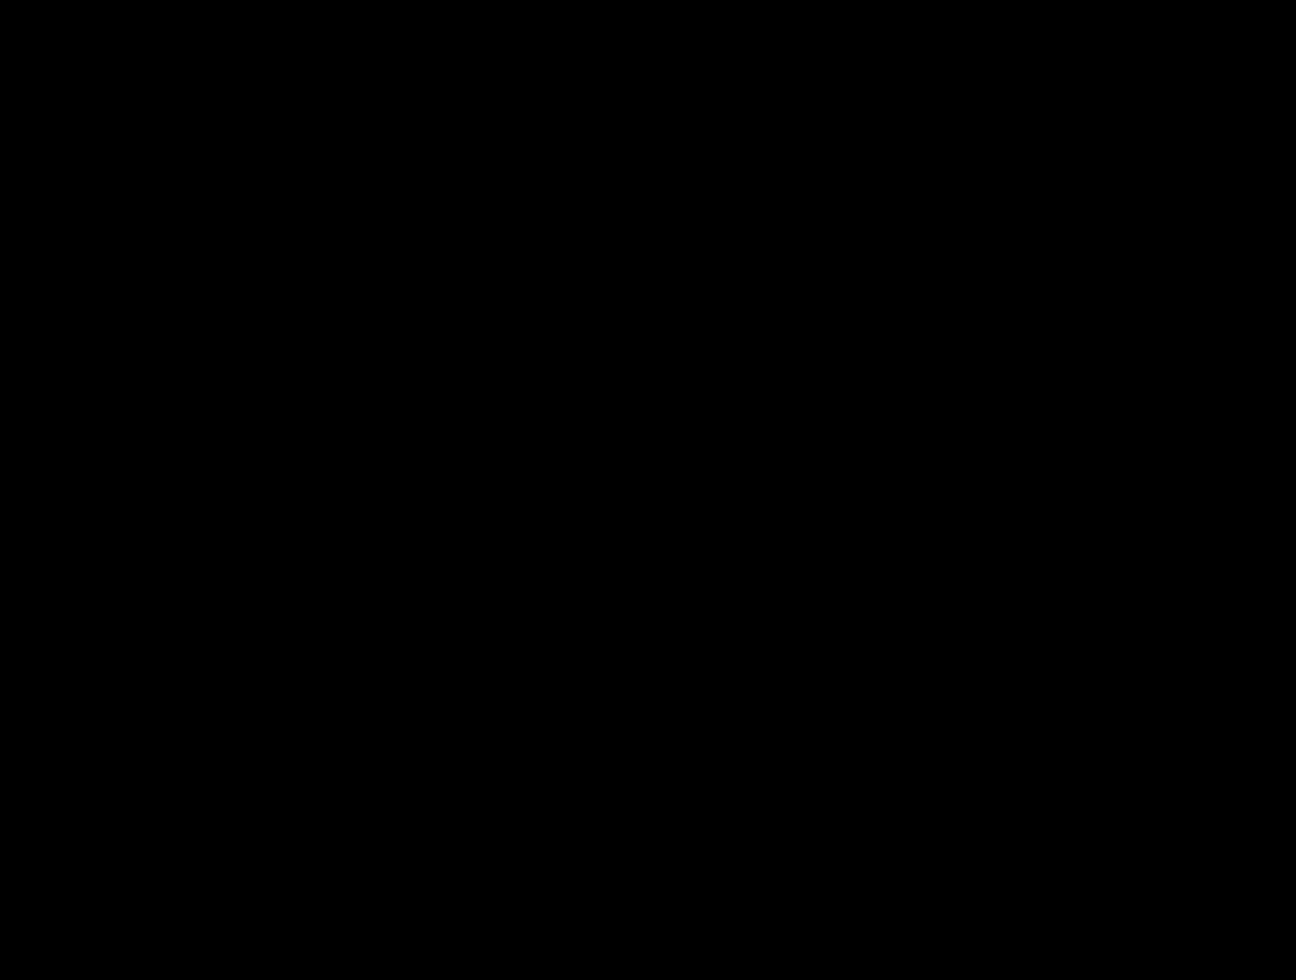 Kondor png